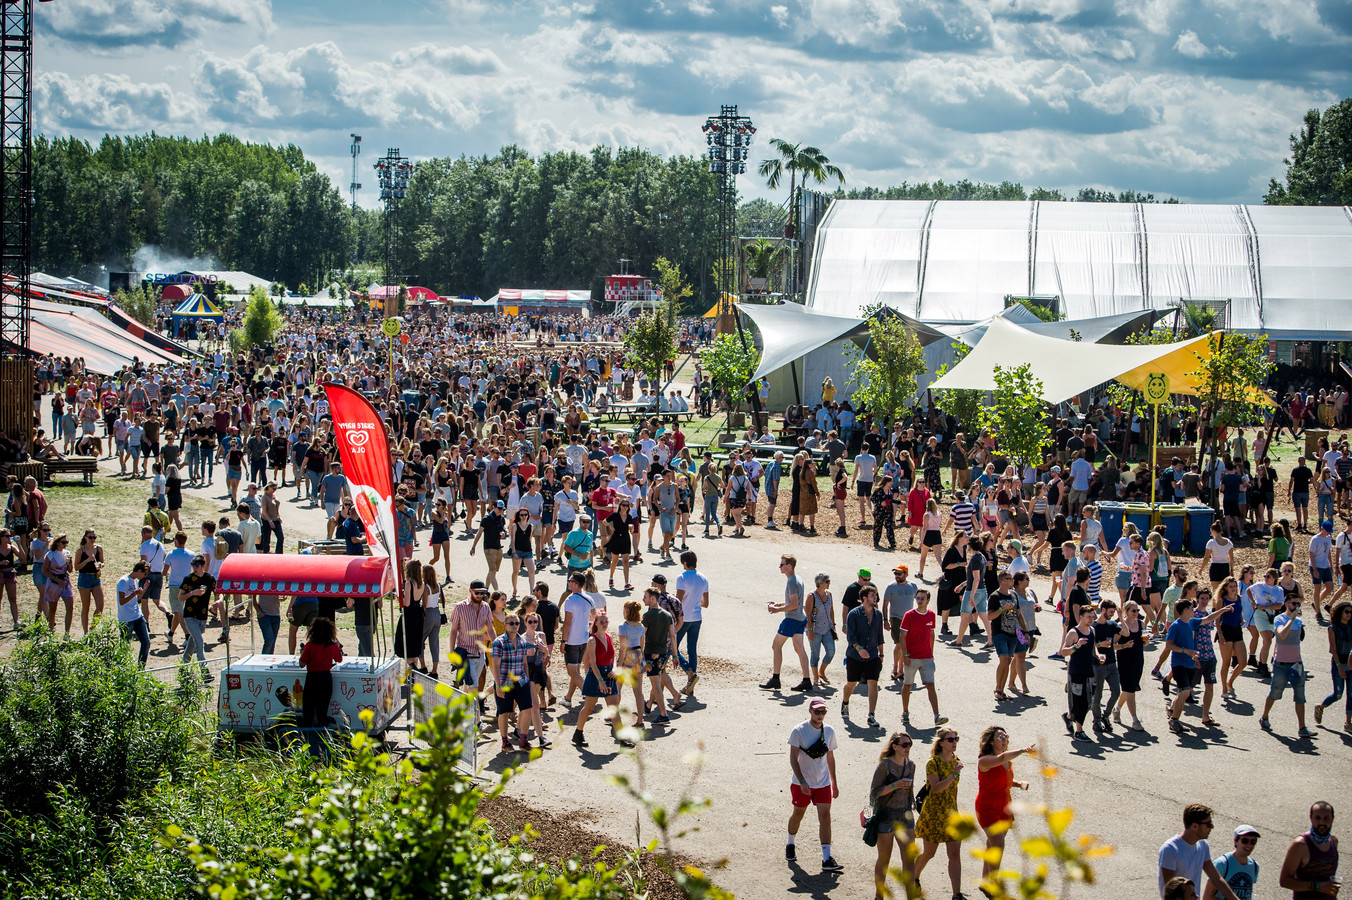 Festivalgangers op het festivalterrein tijdens de eerste dag van de 26e editie van muziekfestival A Campingflight to Lowlands Paradise in 2019.